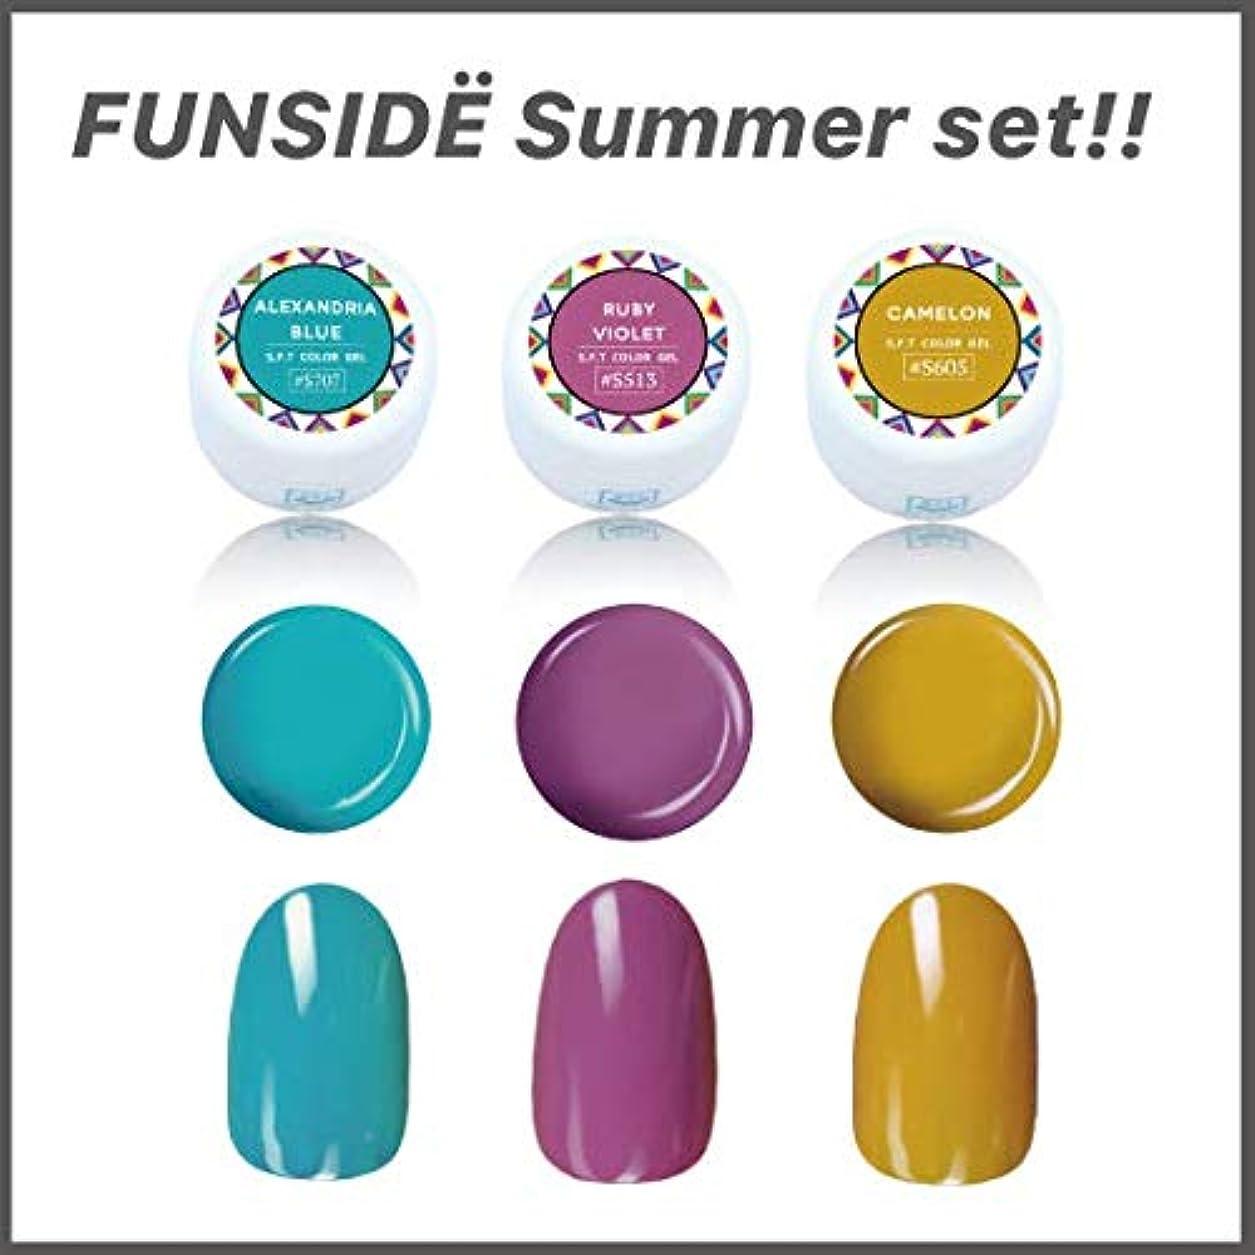 こしょう合計カラス日本製 ジェルネイル サマーカラーセット 3色セット FUNSID? ファンサイド カラージェル ブルー ターコイズ パープル マスタード キャメロン